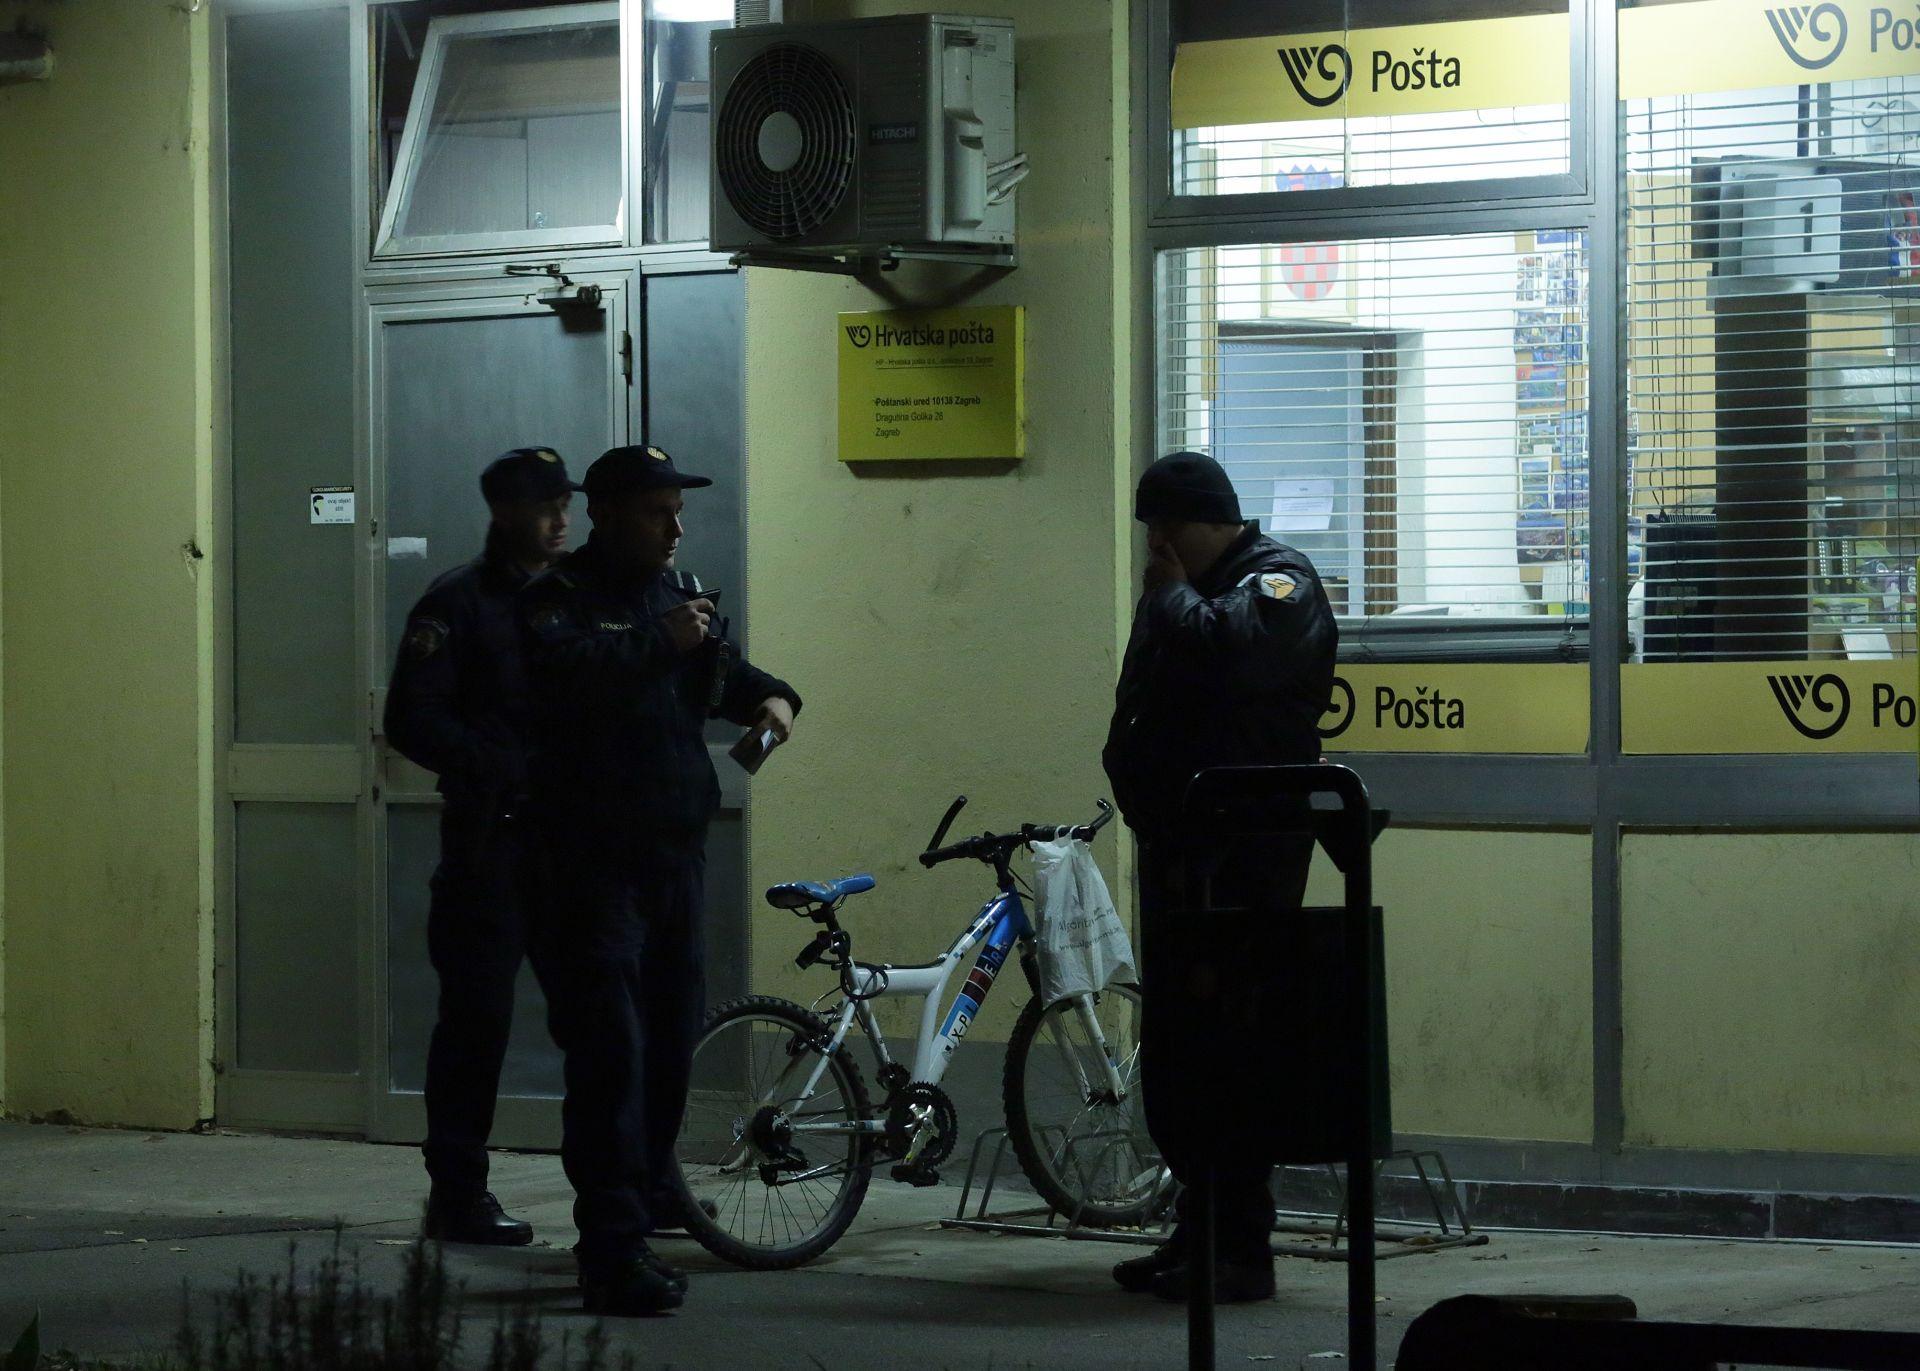 PLJAČKA U ZAGREBU: Dvojica naoružanih muškaraca uz prijetnju vatrenim oružjem opljačkala poštu